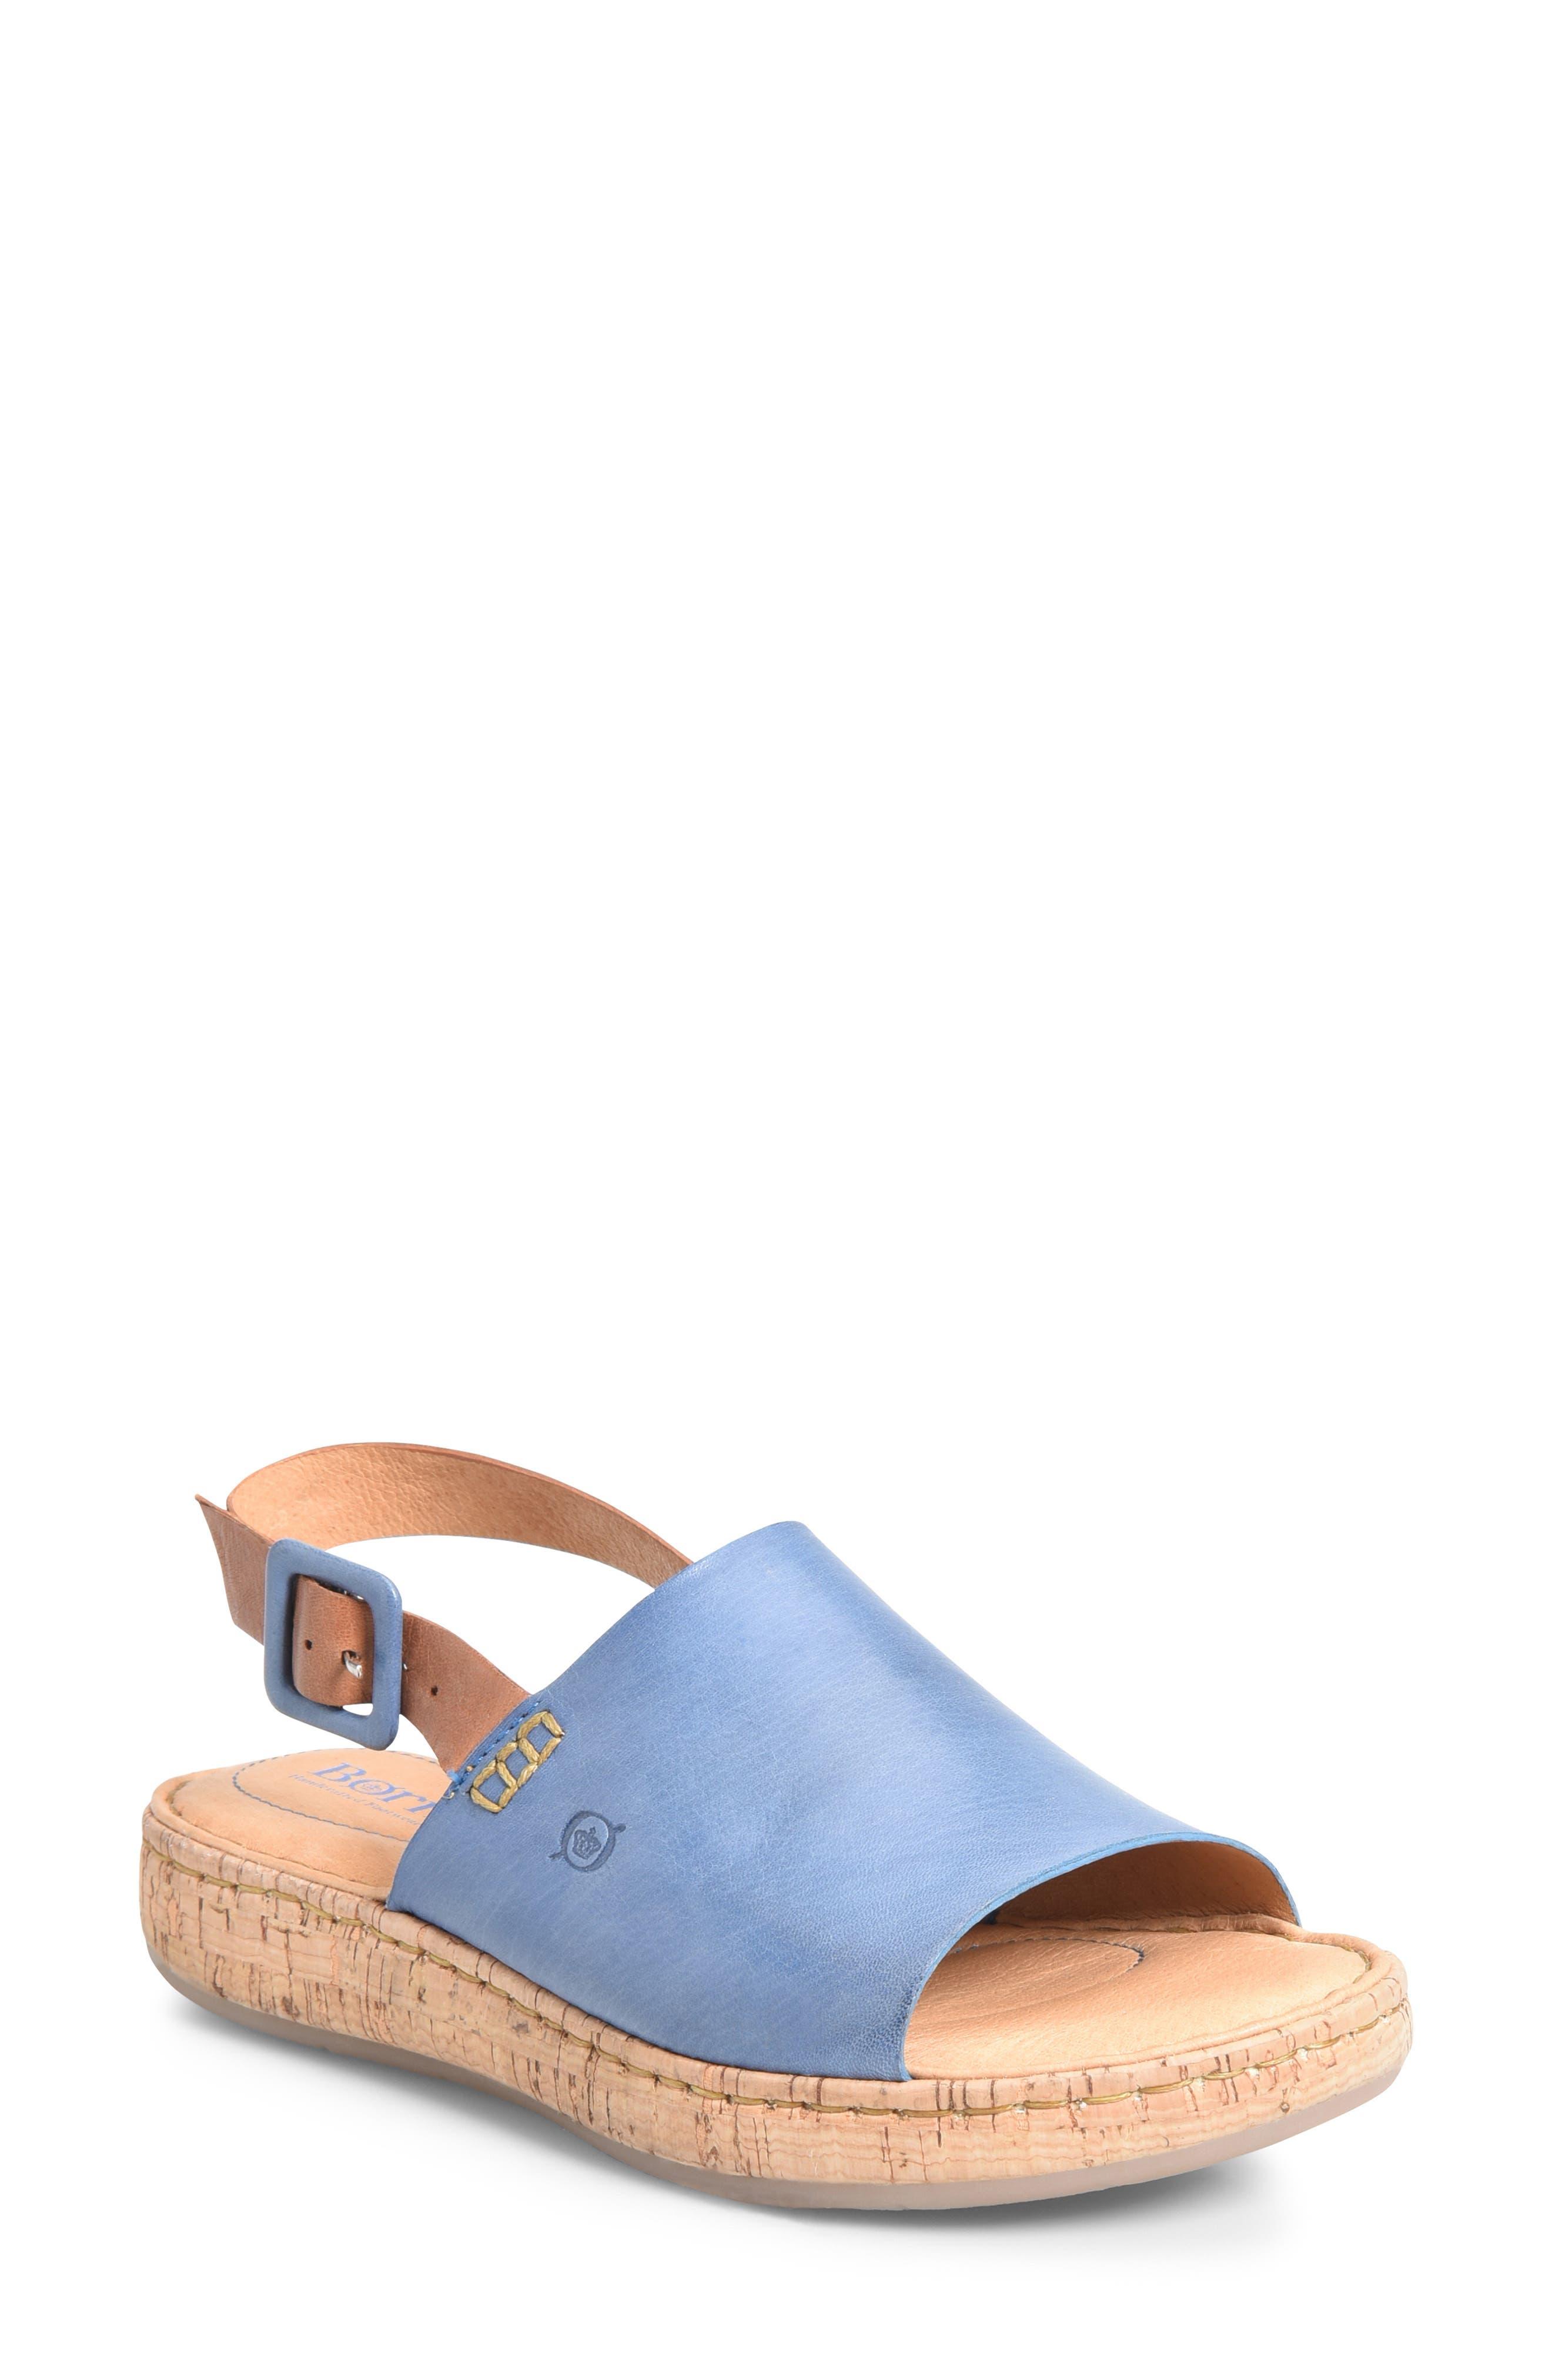 B?rn Fremont Sandal, Blue